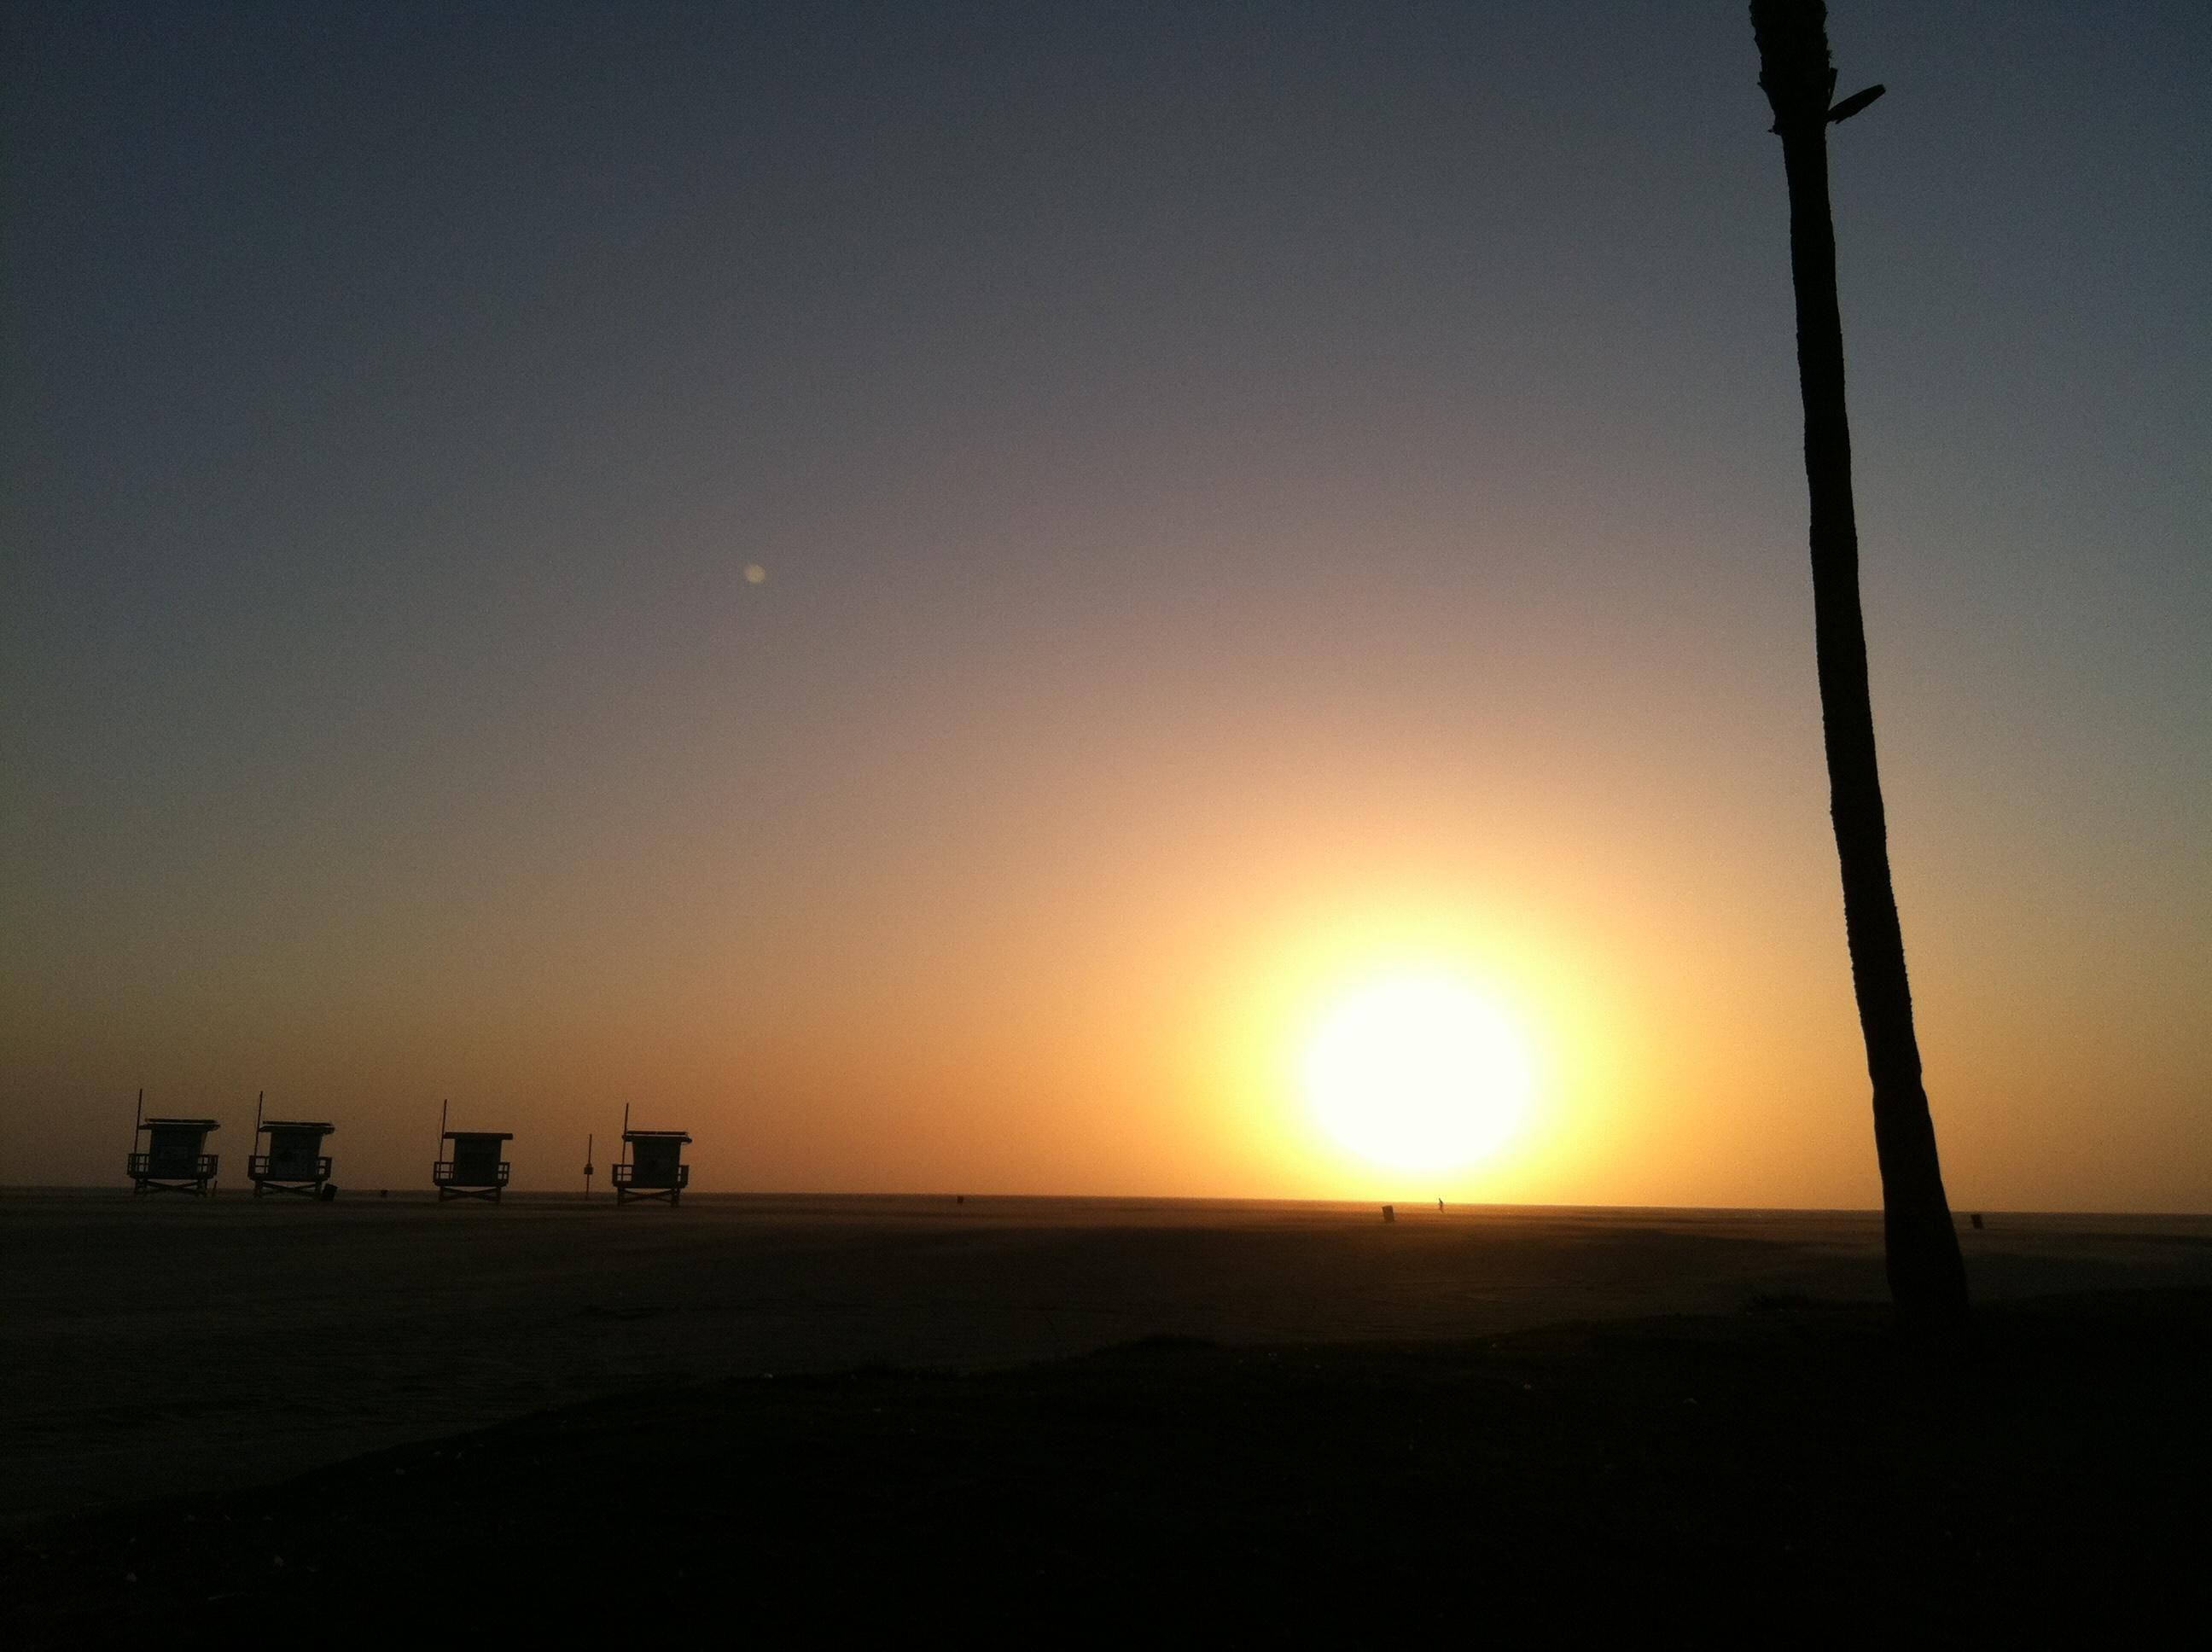 Venice Beach at dusk [OC] [2592x1936]